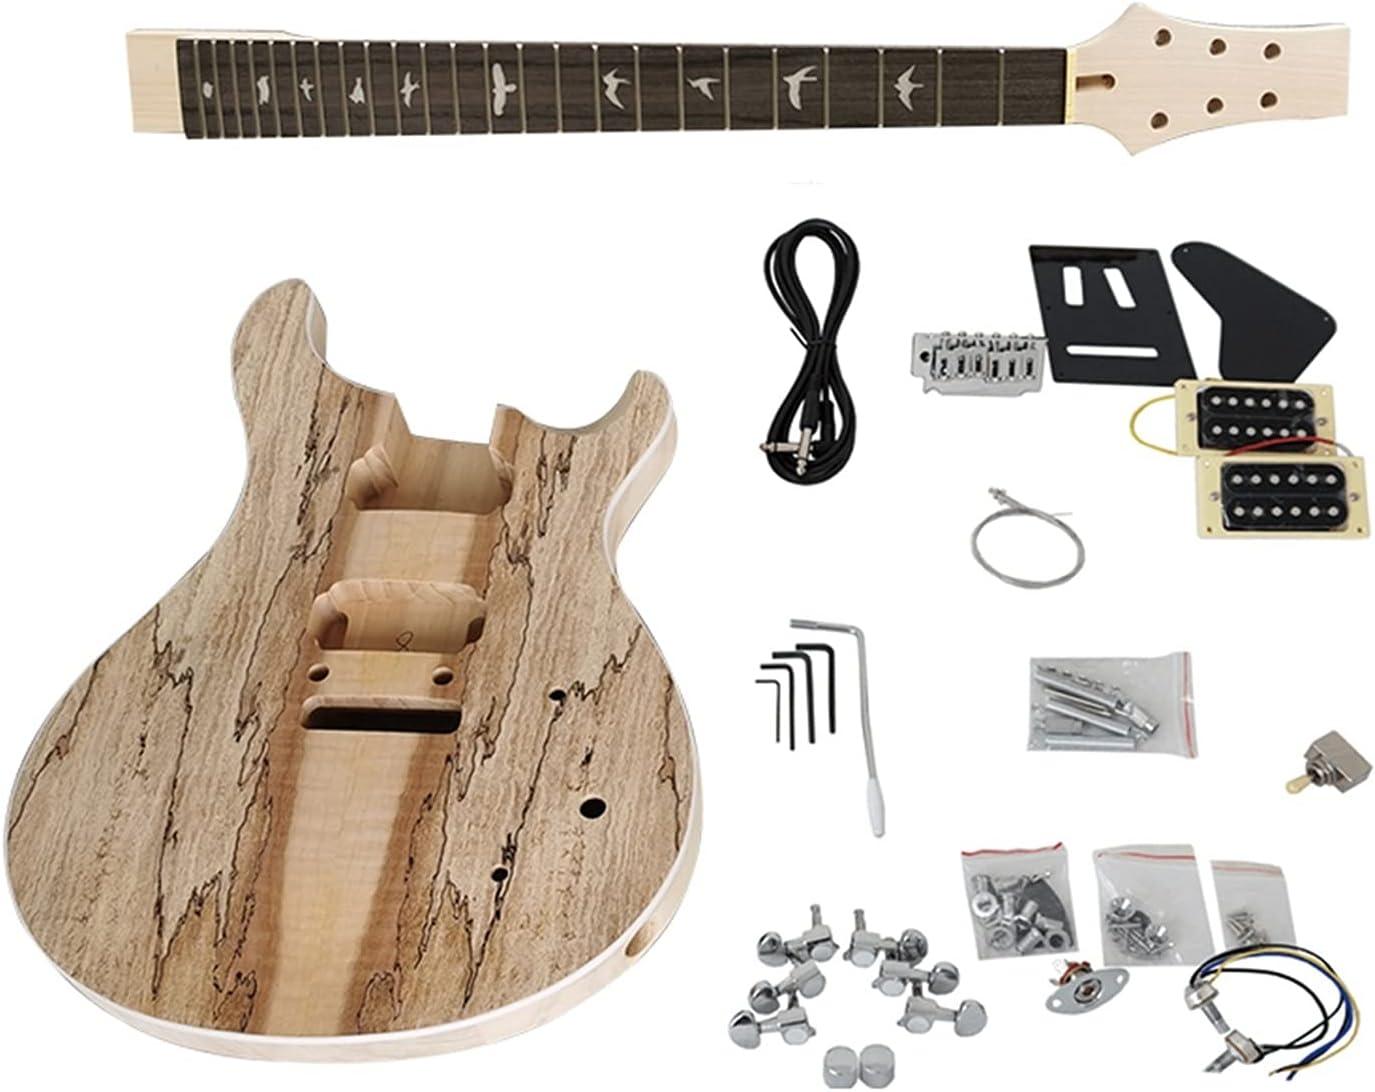 Cuerpo Guitarra Inconcluso DIY PRS Kits De Guitarra Eléctrica Guitarra Musical Corporal De Basswood con Todas Las Hardware Kits Guitarra Bricolaje (Color : EK010S)